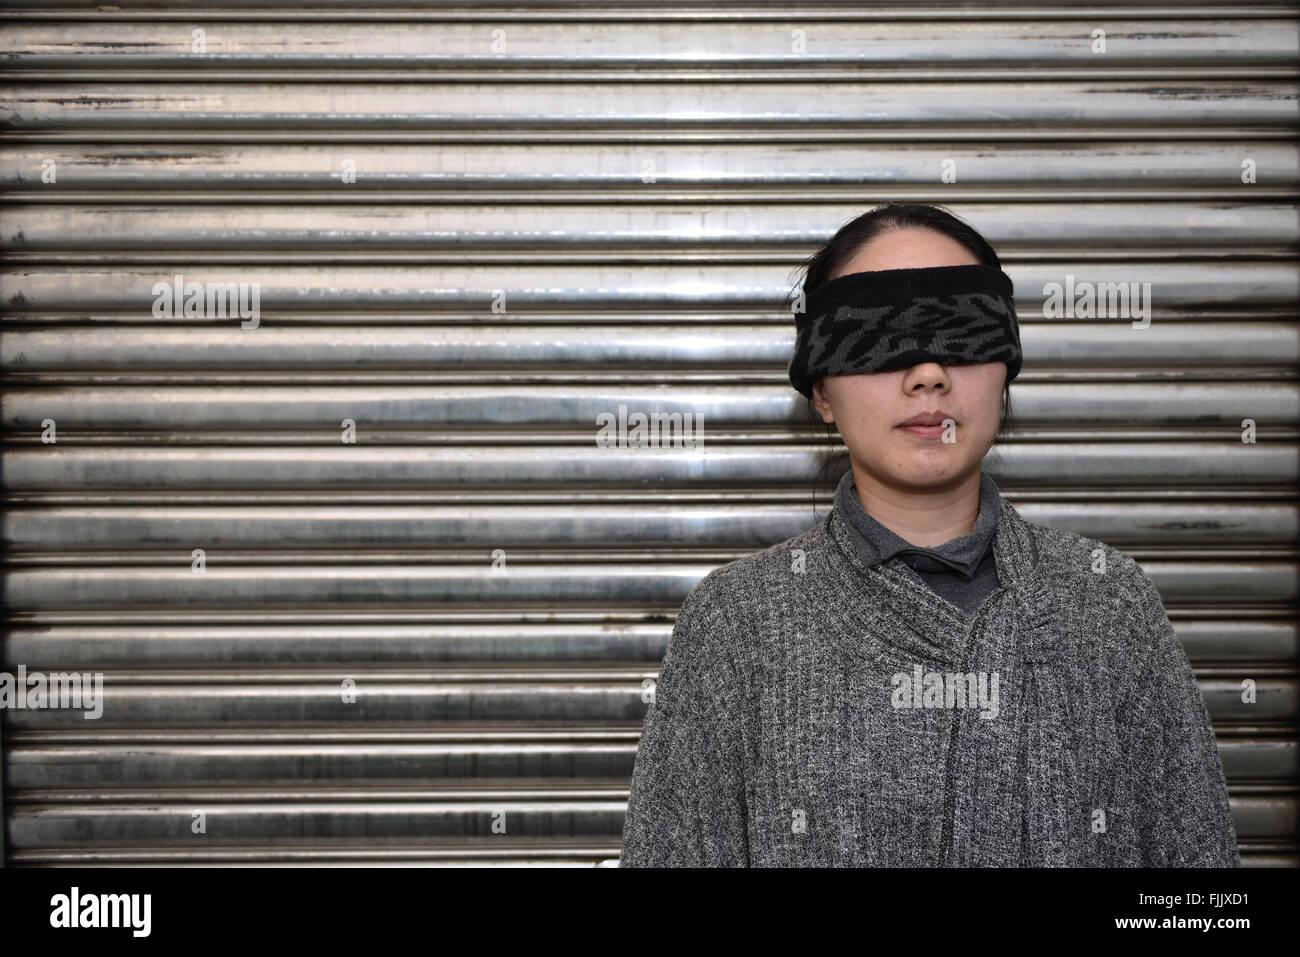 La donna gli occhi bendati Immagini Stock